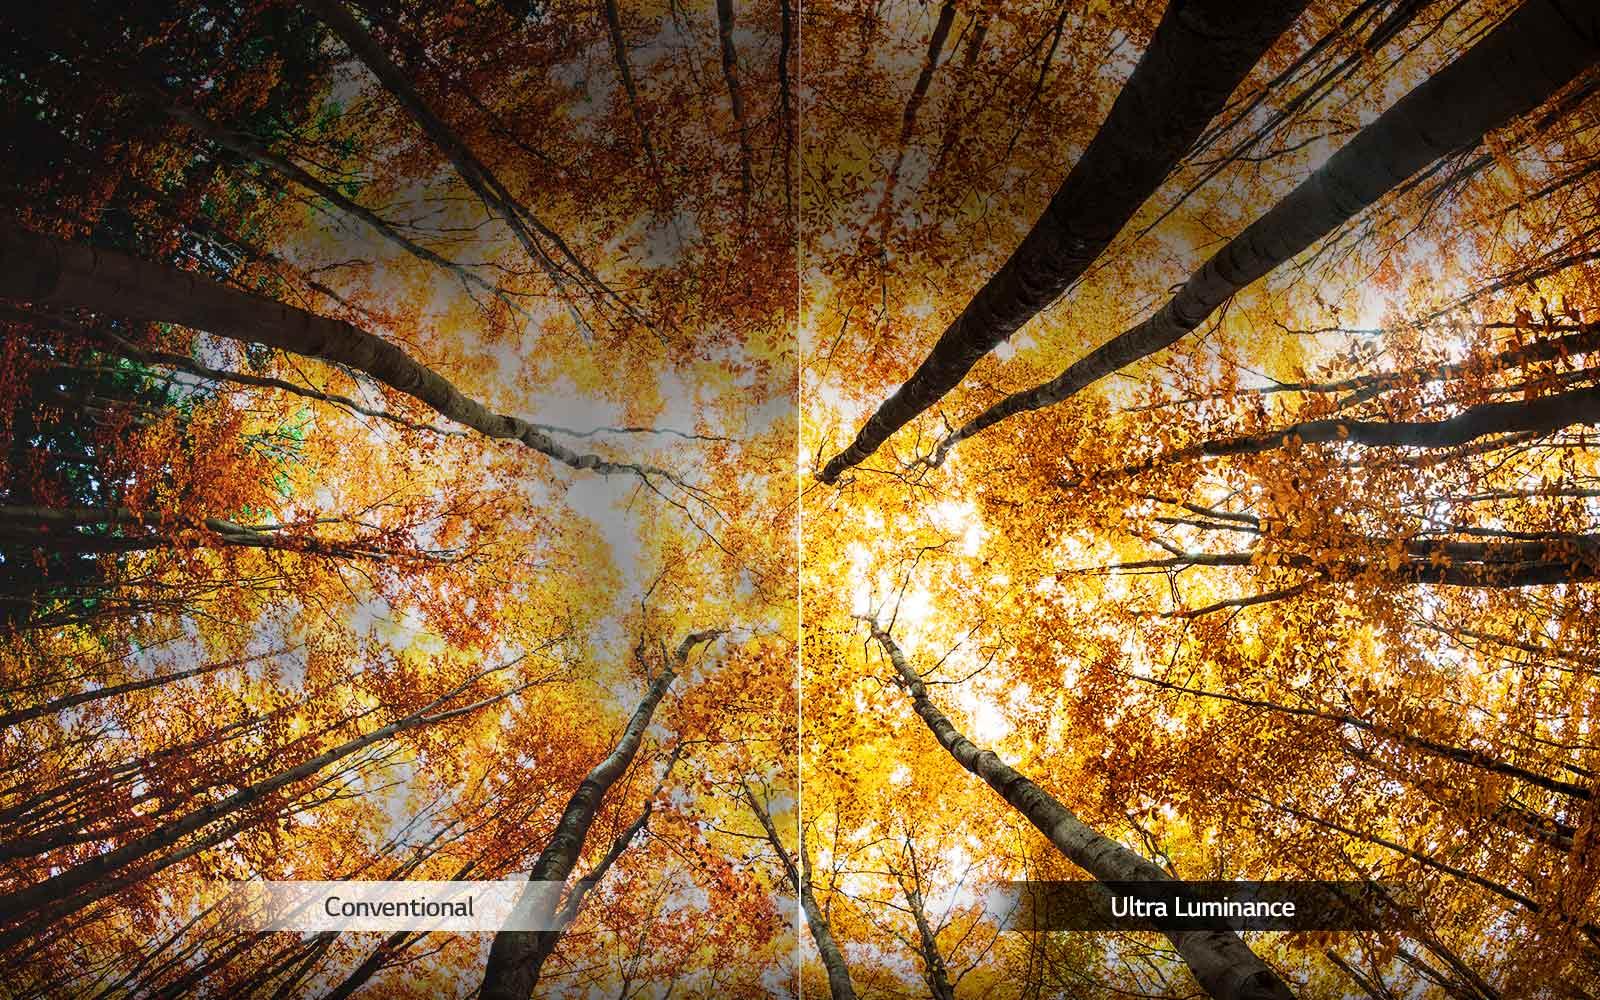 05_UK75_A_Ultra_Luminance_desktop